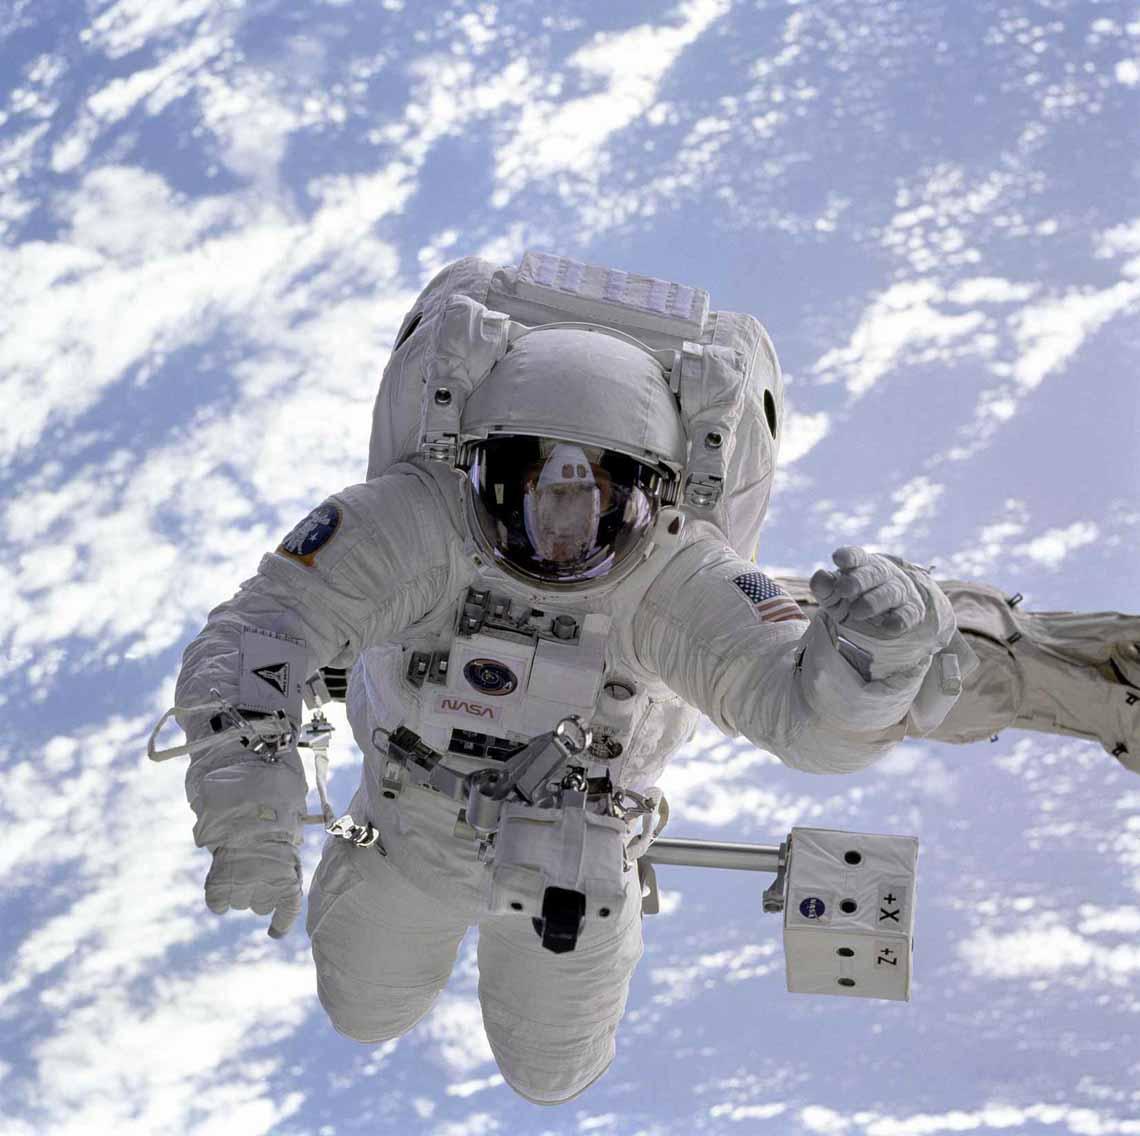 Tổng hợp những bức ảnh kinh ngạc về Trái Đất dưới góc nhìn ngoài không gian -5